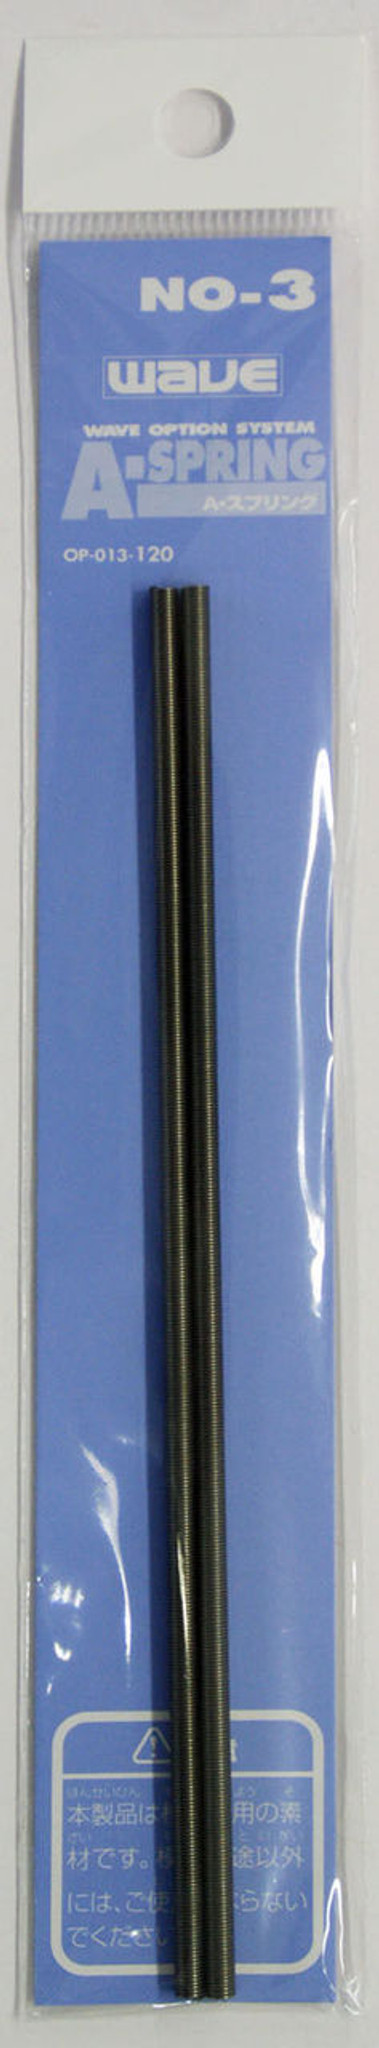 Wave Option System OP553 A-Spring Black NO.3 3mm